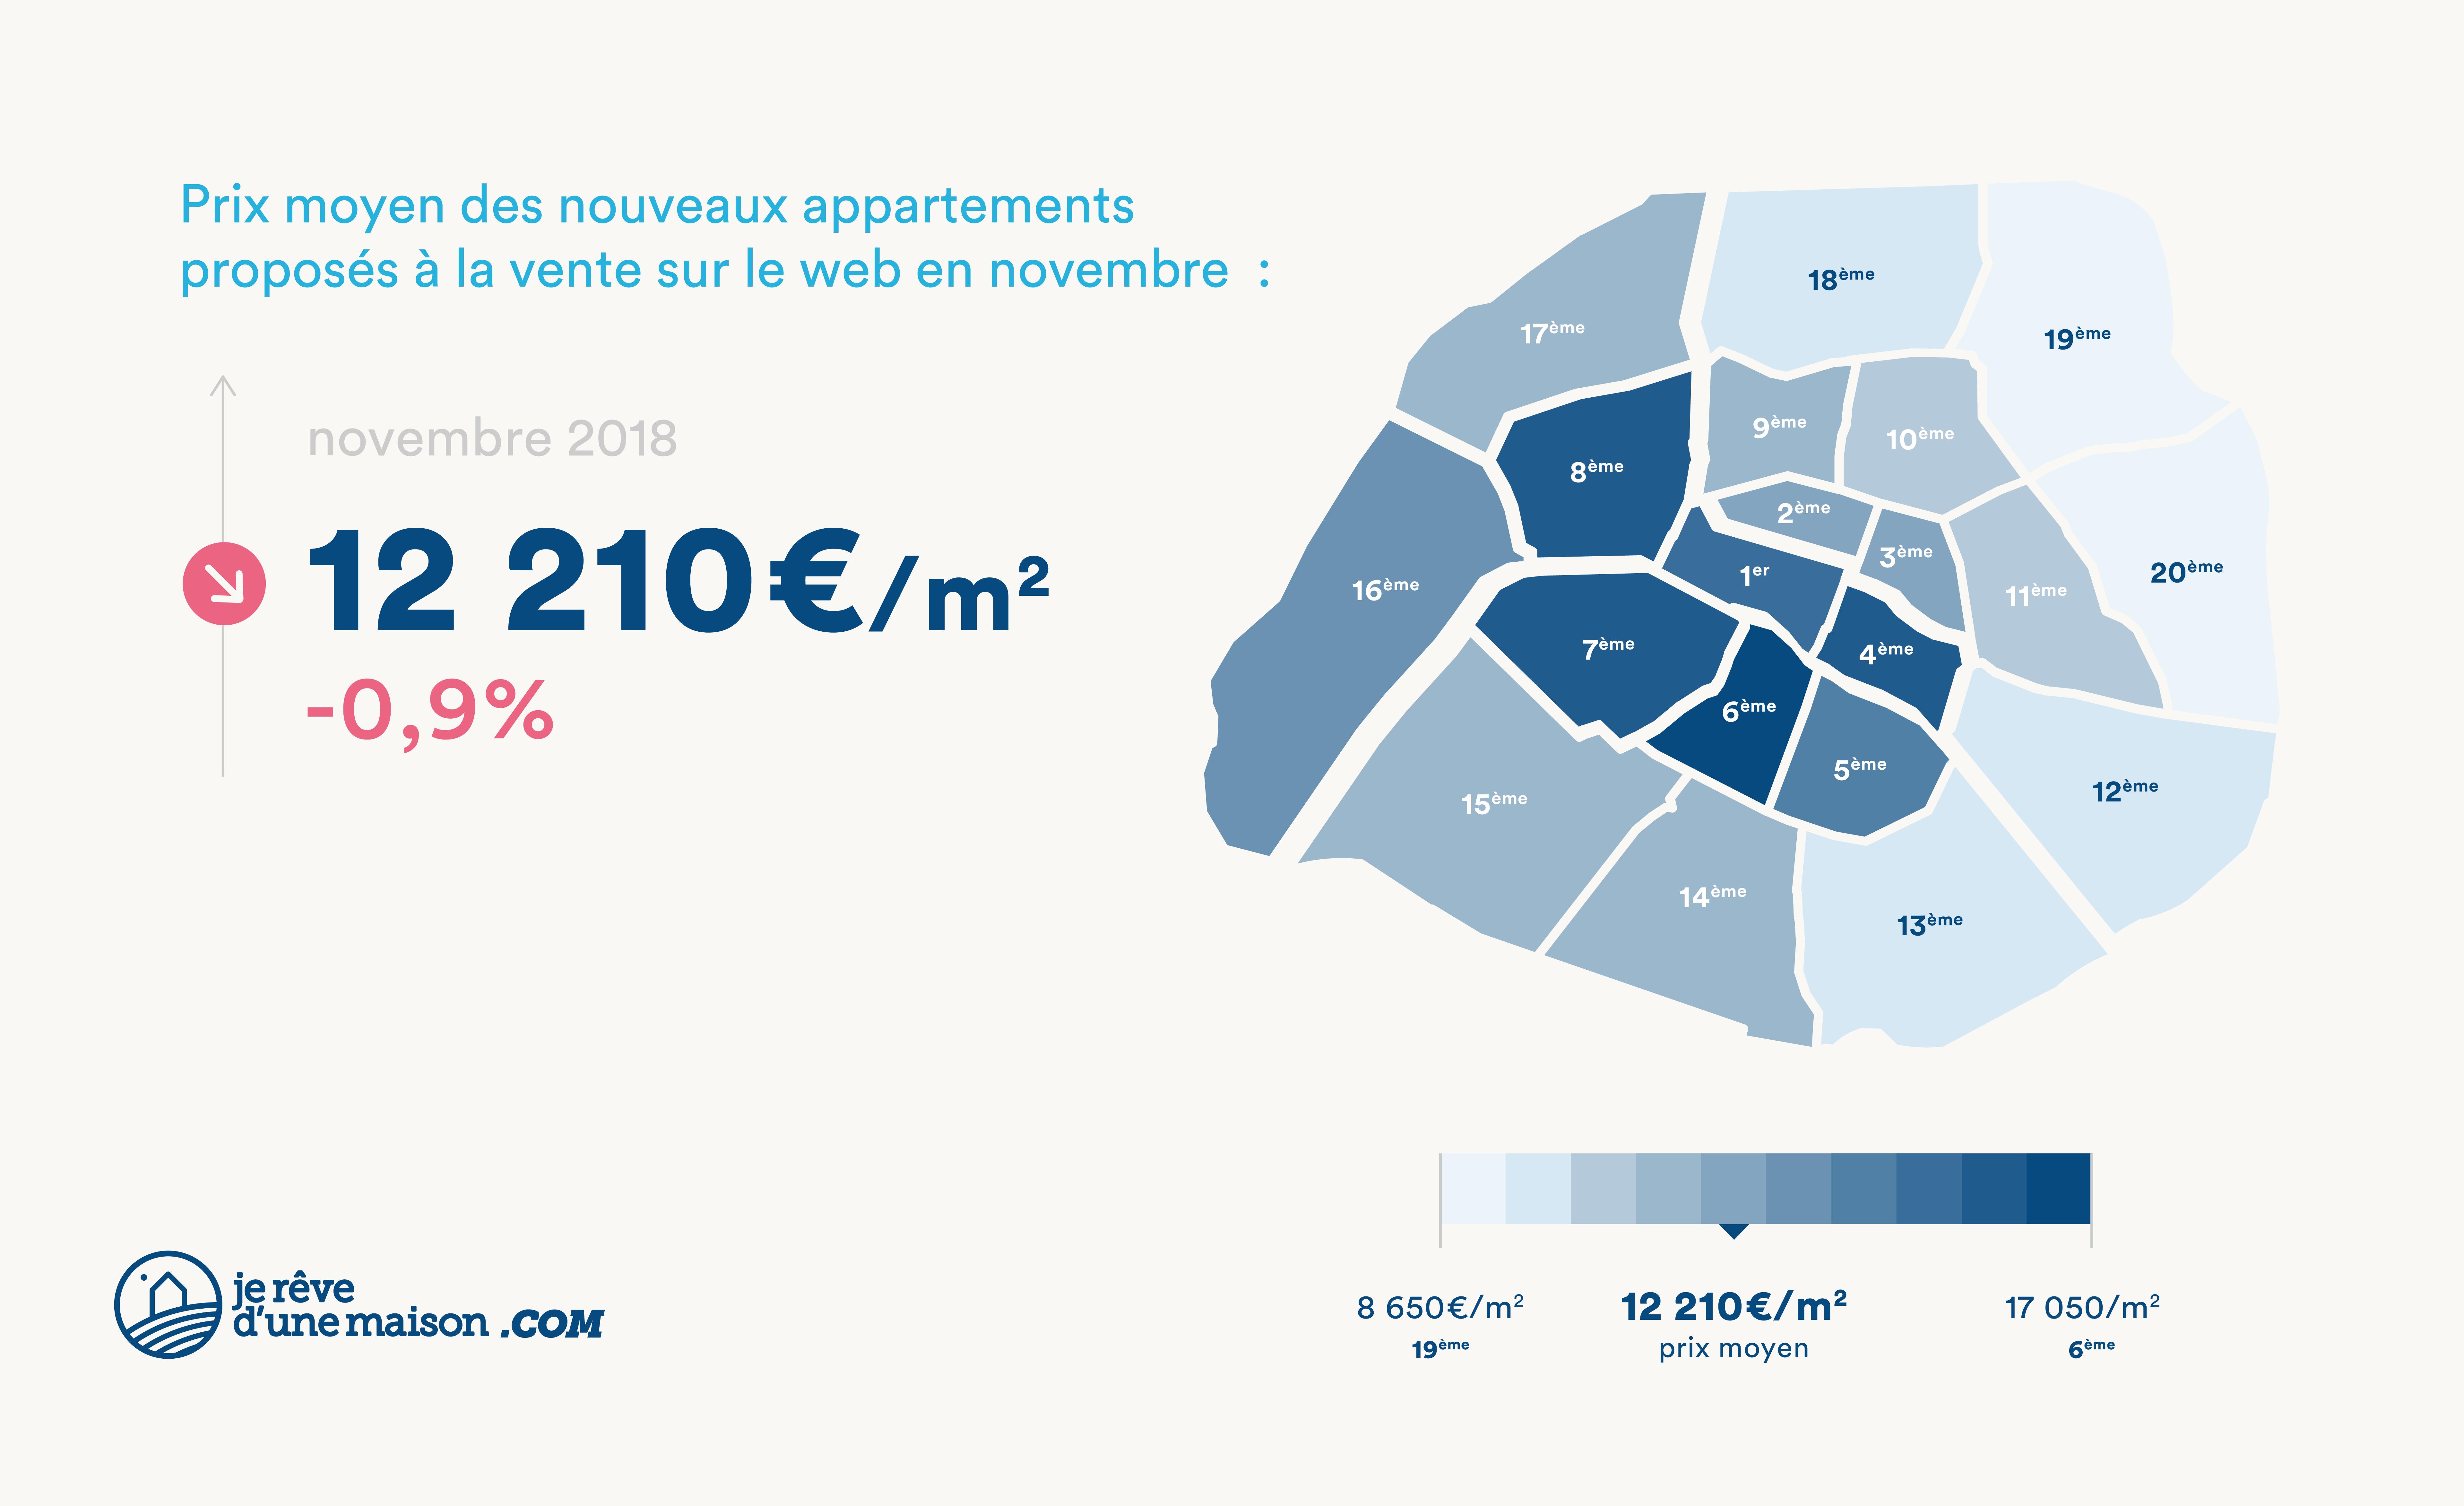 Prix moyen des nouveaux appartements proposés à la vente sur le web en novembre